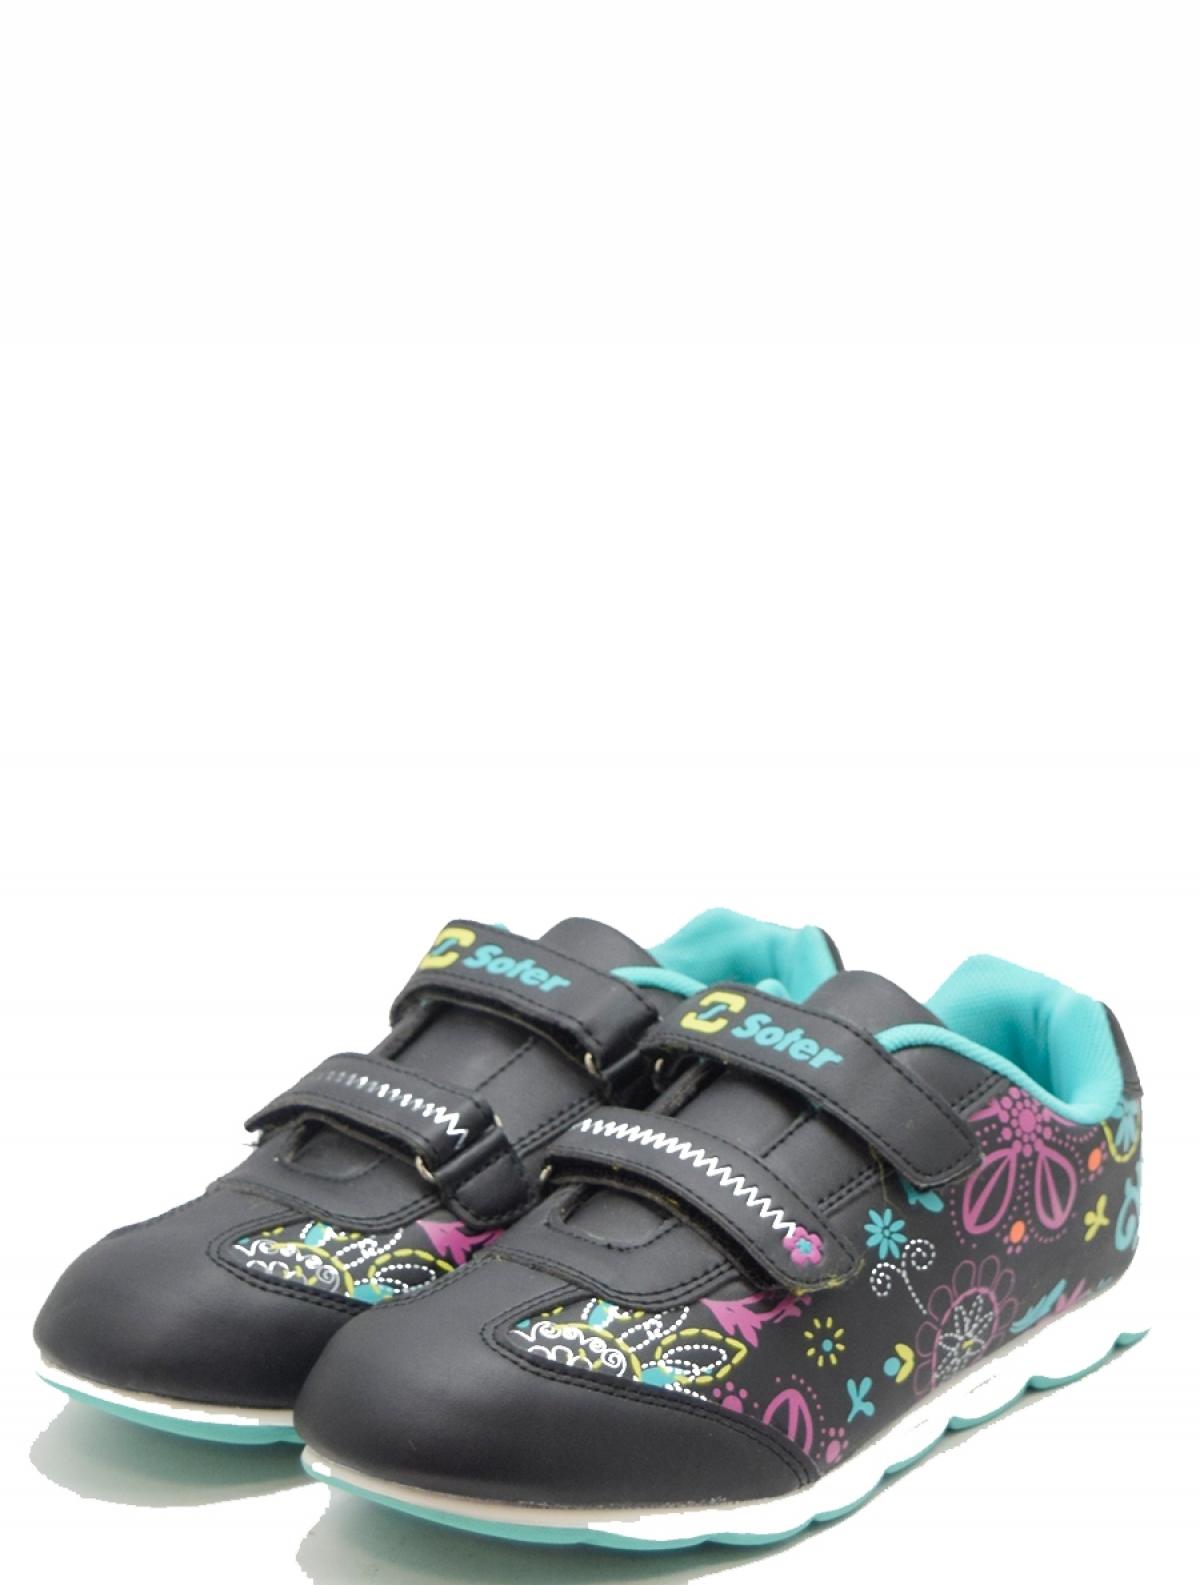 Soter 3924 детские кроссовки